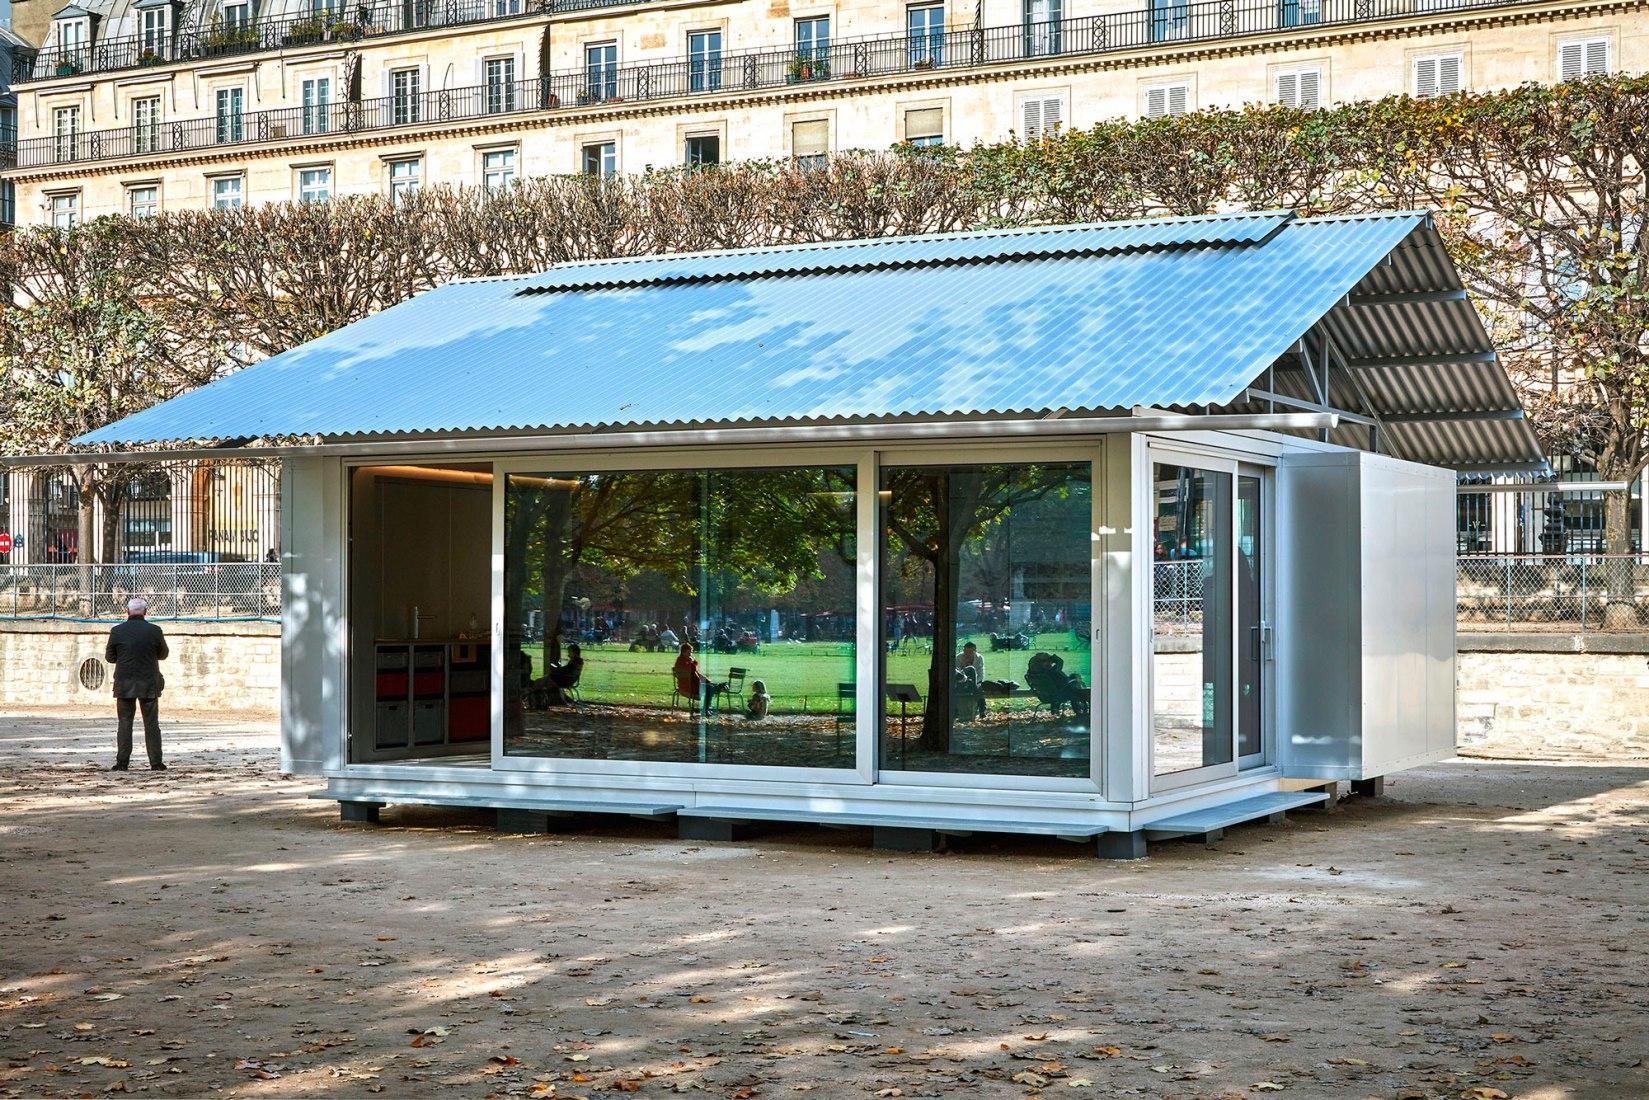 SIMPLE una vivienda prefabricada por Jean Nouvel. Fotografía © Thomas Lannes